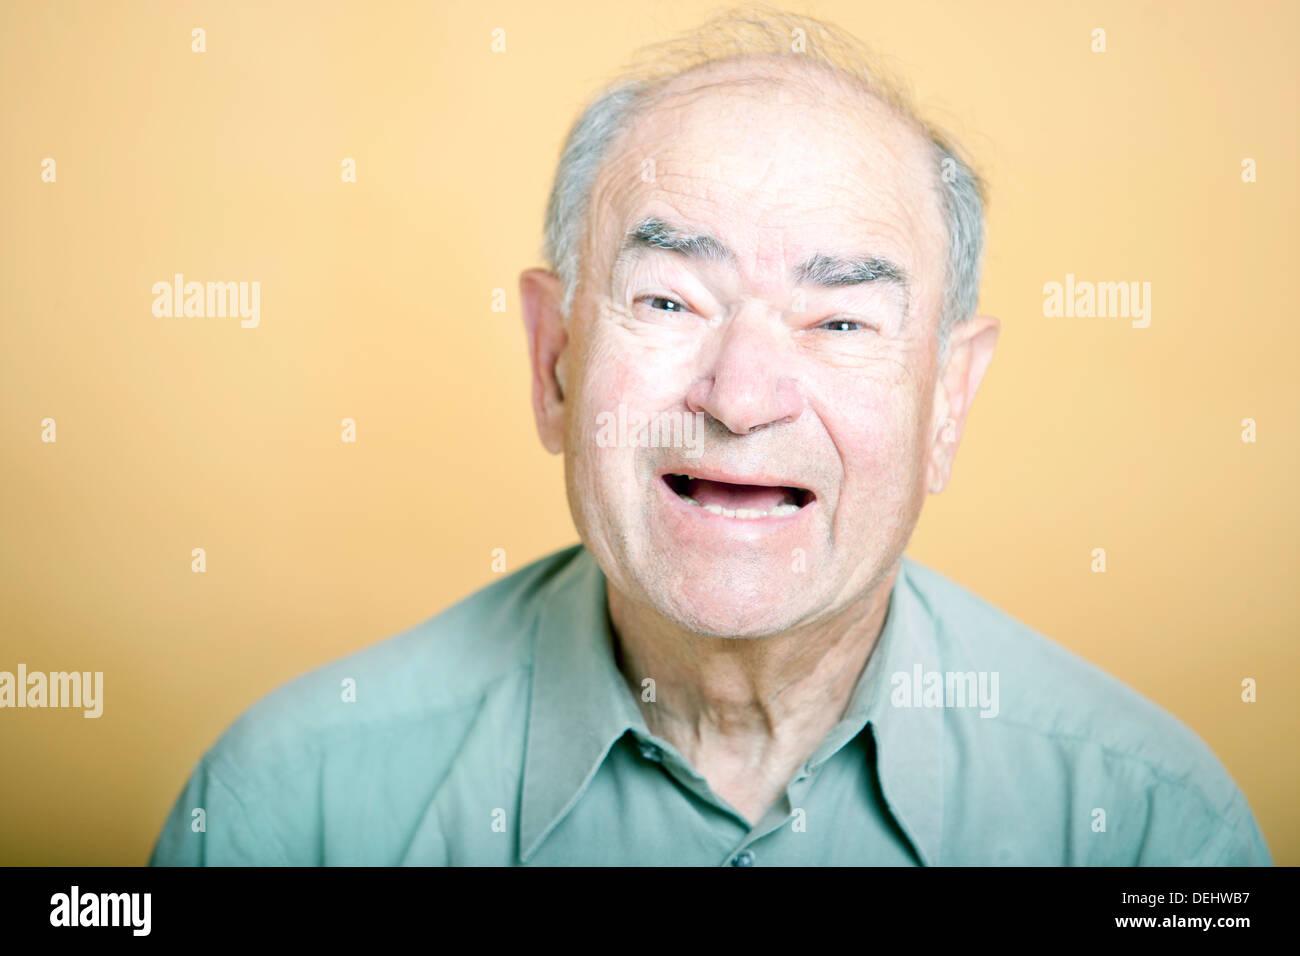 Senior Adult man laughing - Stock Image